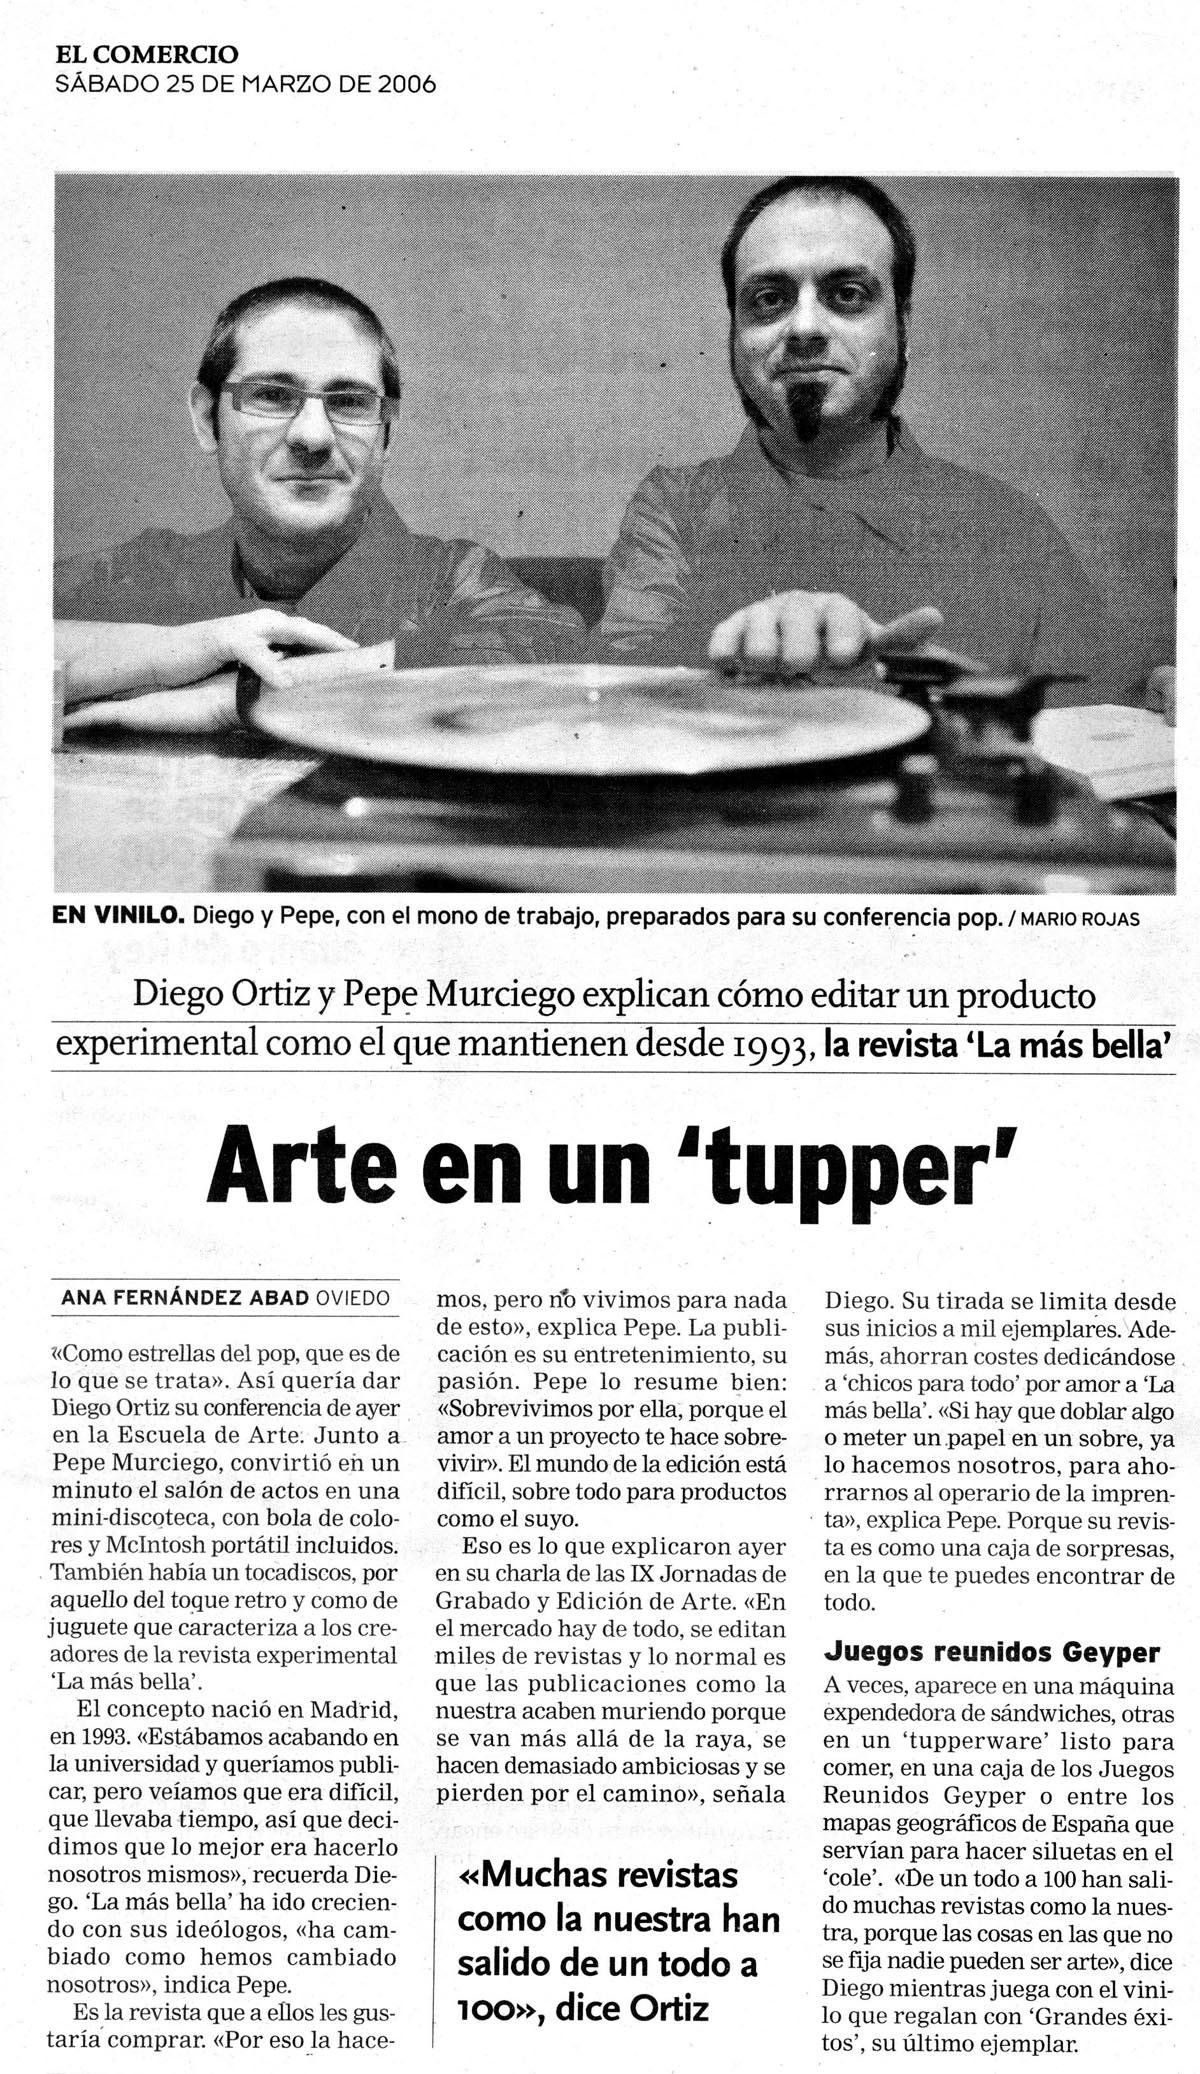 ReseñasPrensa-El Comercio-Oviedo_25 Marzo 2006